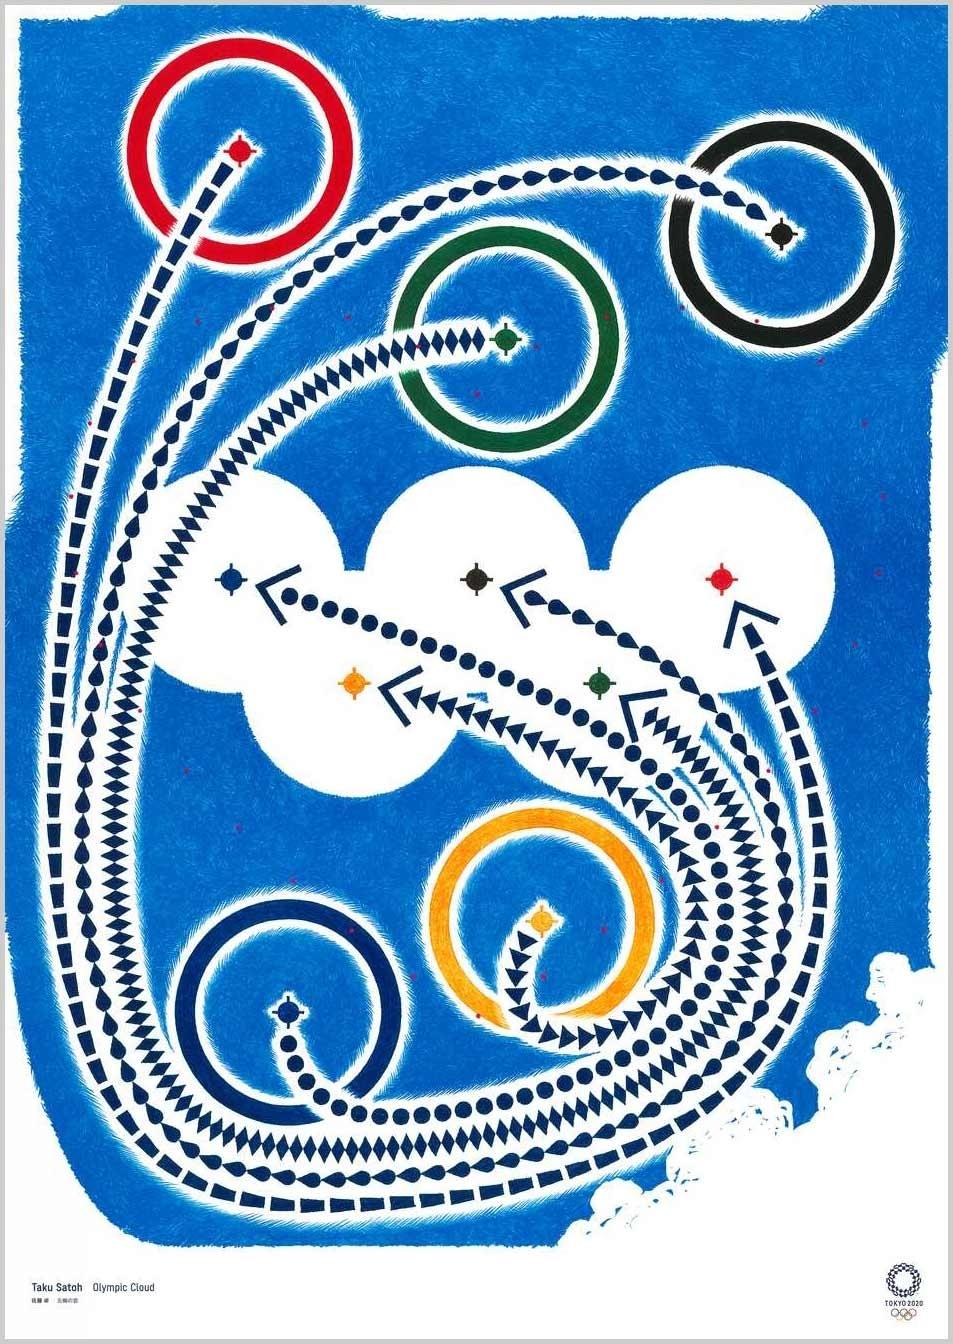 Taku Satoh (Designer Gráfico) Cartazes oficiais para os Jogos Olímpicos Tóquio 2020